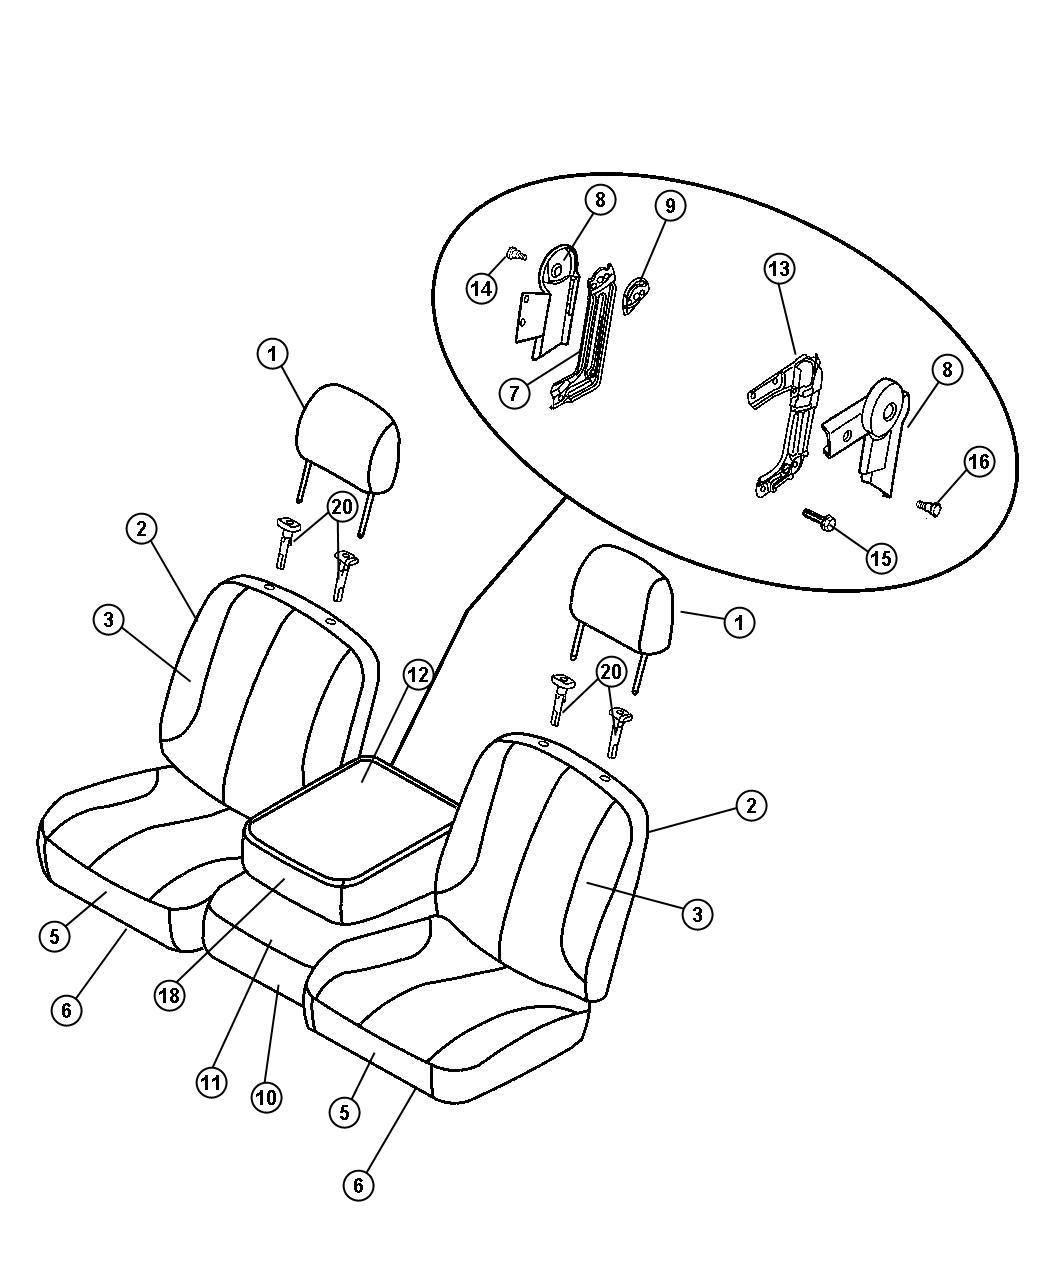 Dodge Cover Front Seat Cushion Left D5 Trim